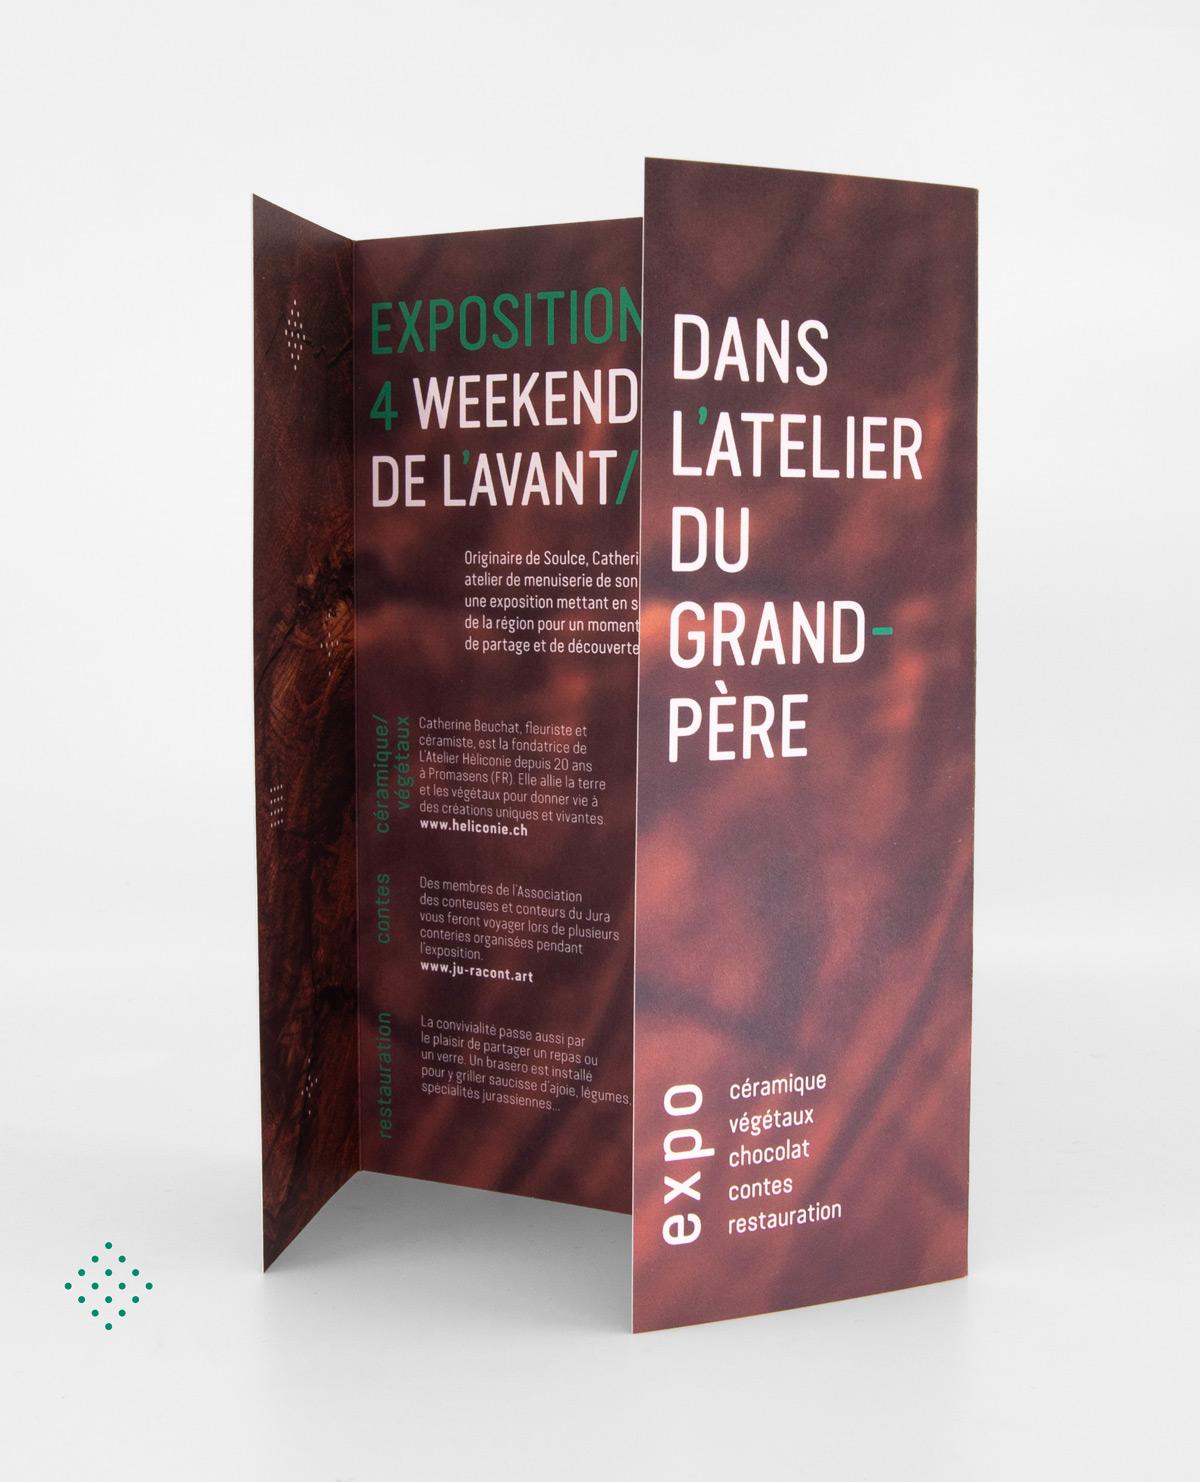 Dépliant de Sandrine Pilloud | Dans l'Atelier du Grand-Père vue 2 | Graphisme